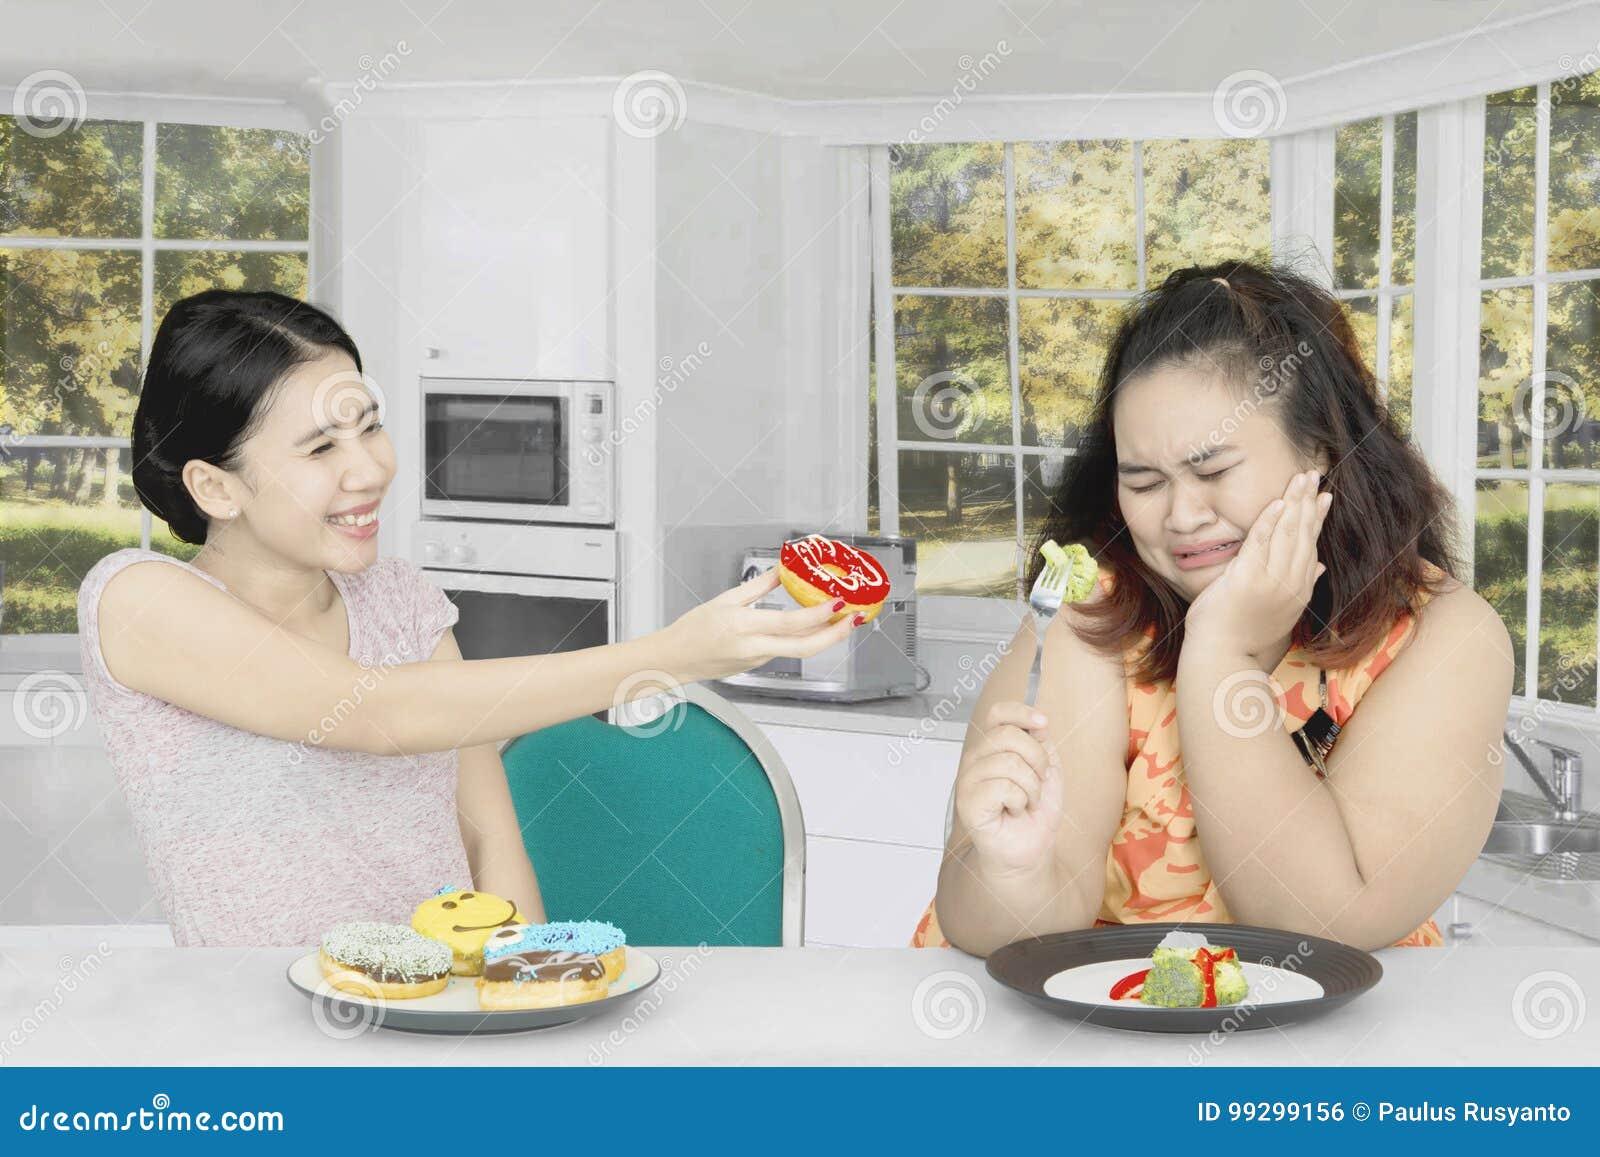 Grosse femme rejetant pour manger des butées toriques à la maison